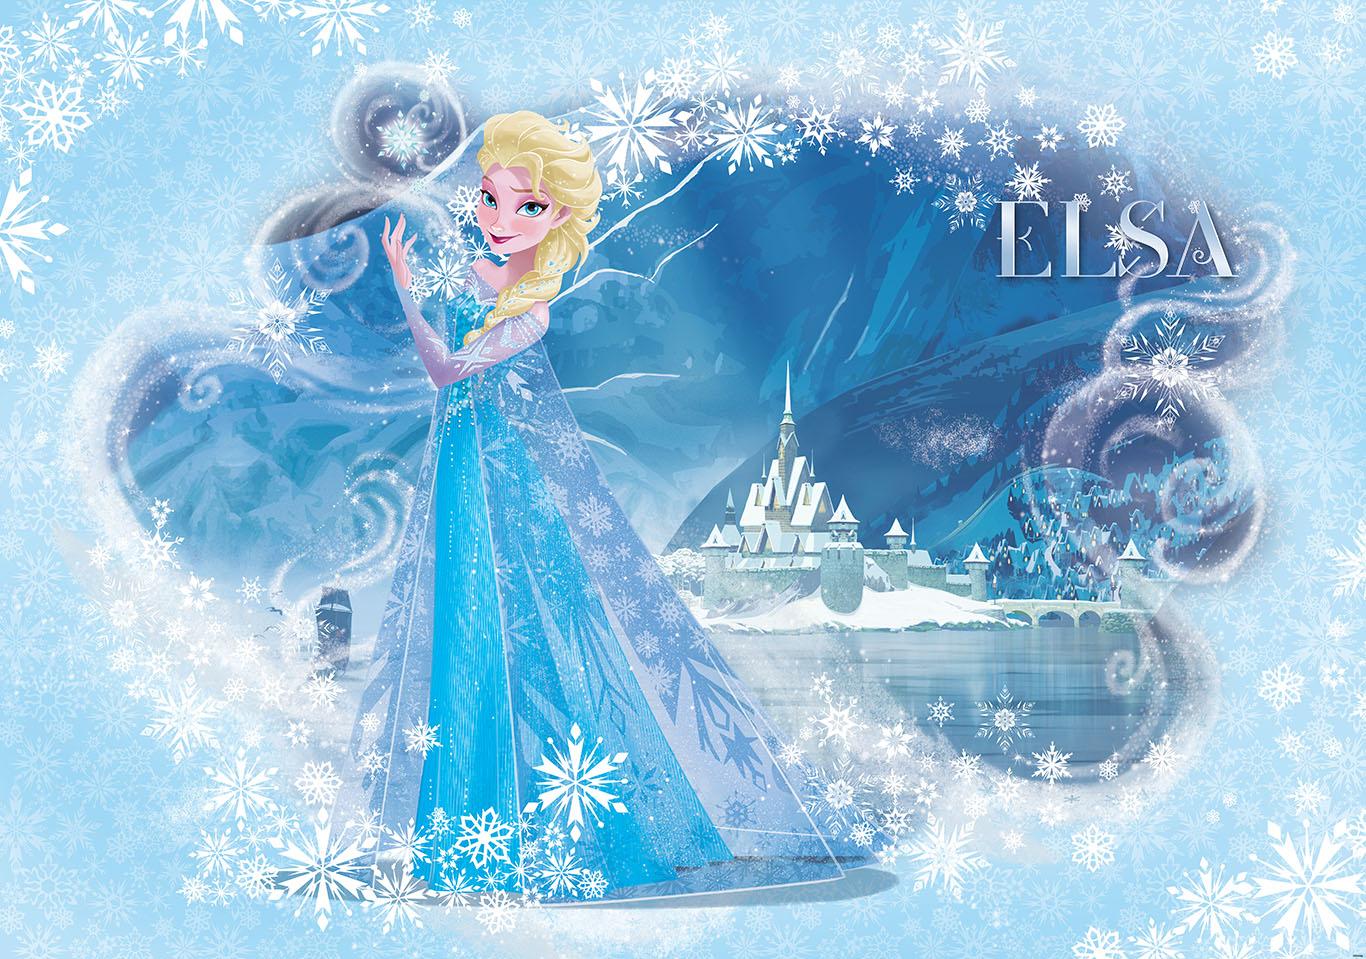 Frozen Elsa Light Blue Photo Wallpaper Wall Mural CN 835P eBay 1366x959